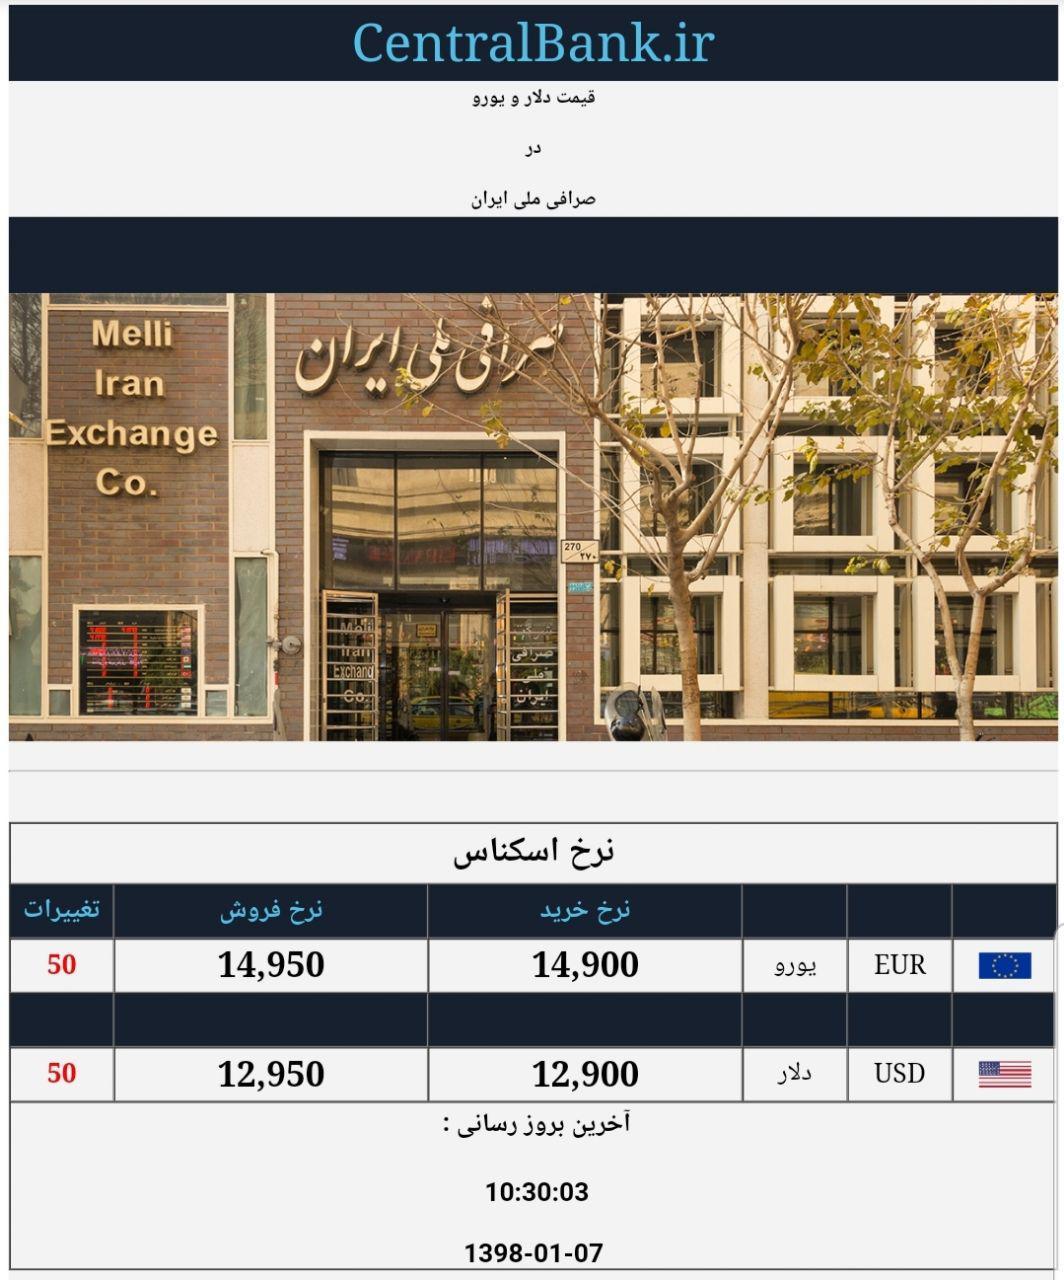 قیمت دلار در صرافی ملی امروز ۱۳۹۸/۰۱/۰۶